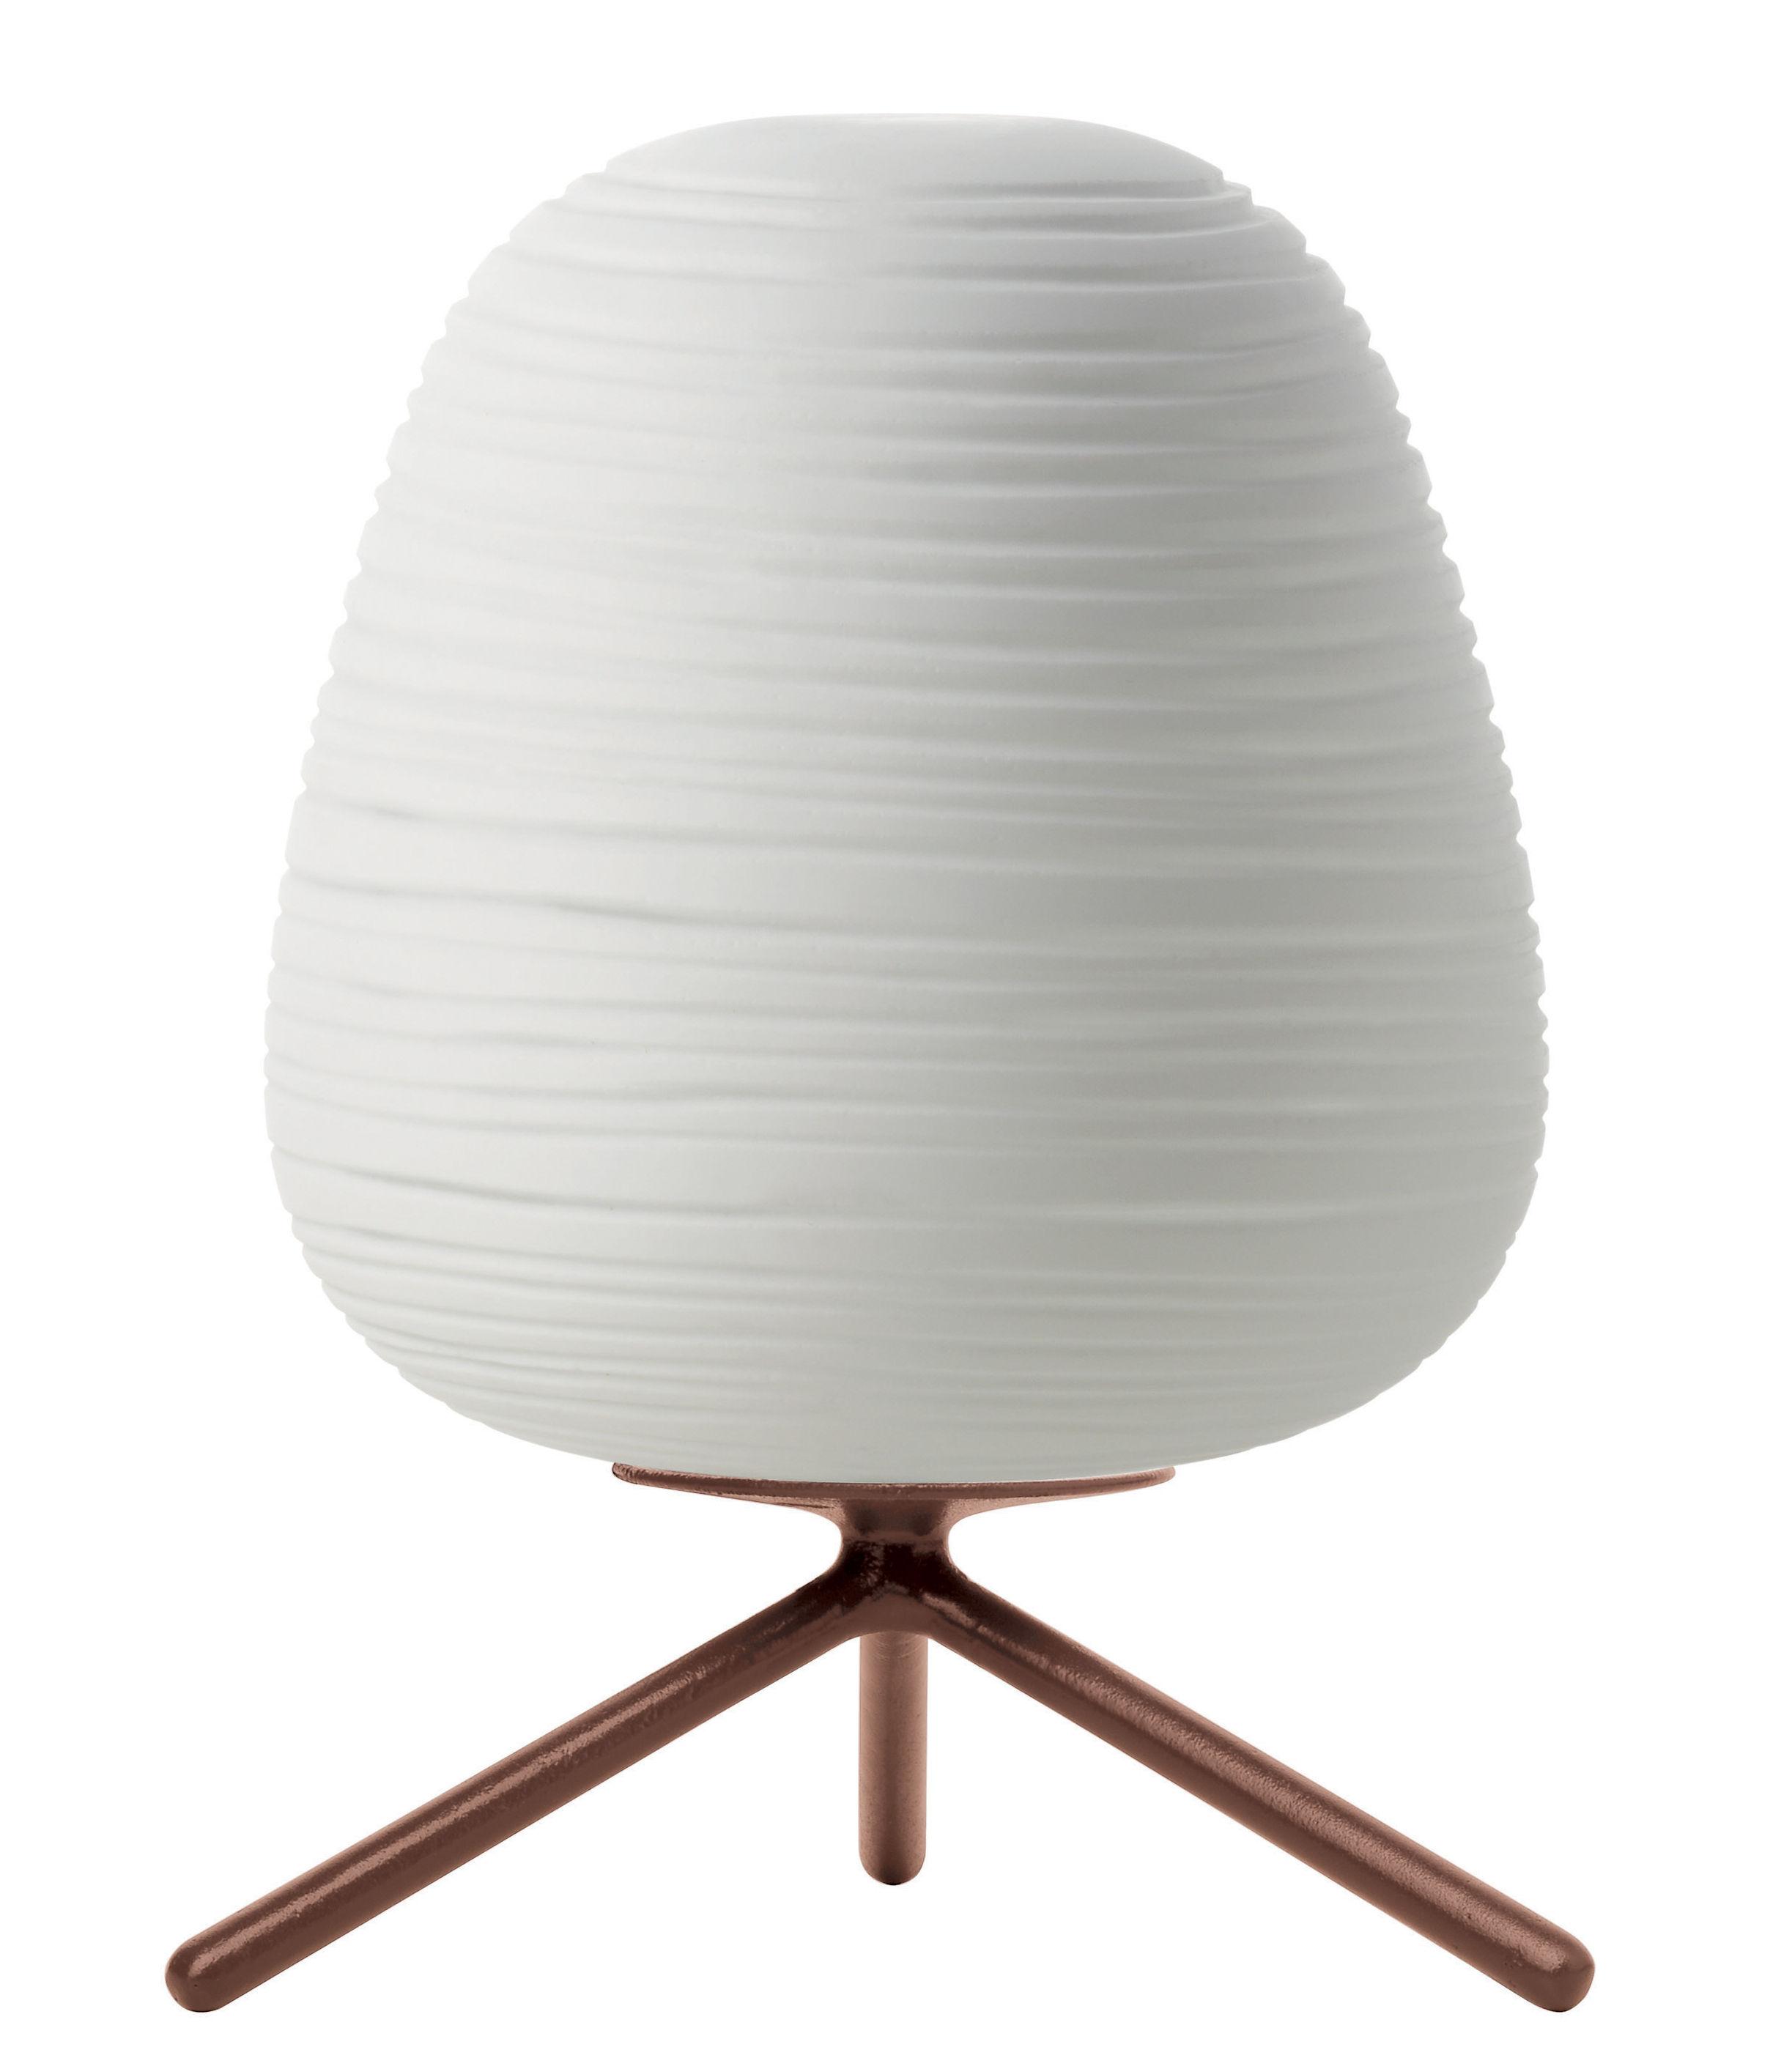 Luminaire - Lampes de table - Lampe de table Rituals 3 / Ø 20 x H 27 cm - Foscarini - Variateur / Blanc - Verre soufflé bouche